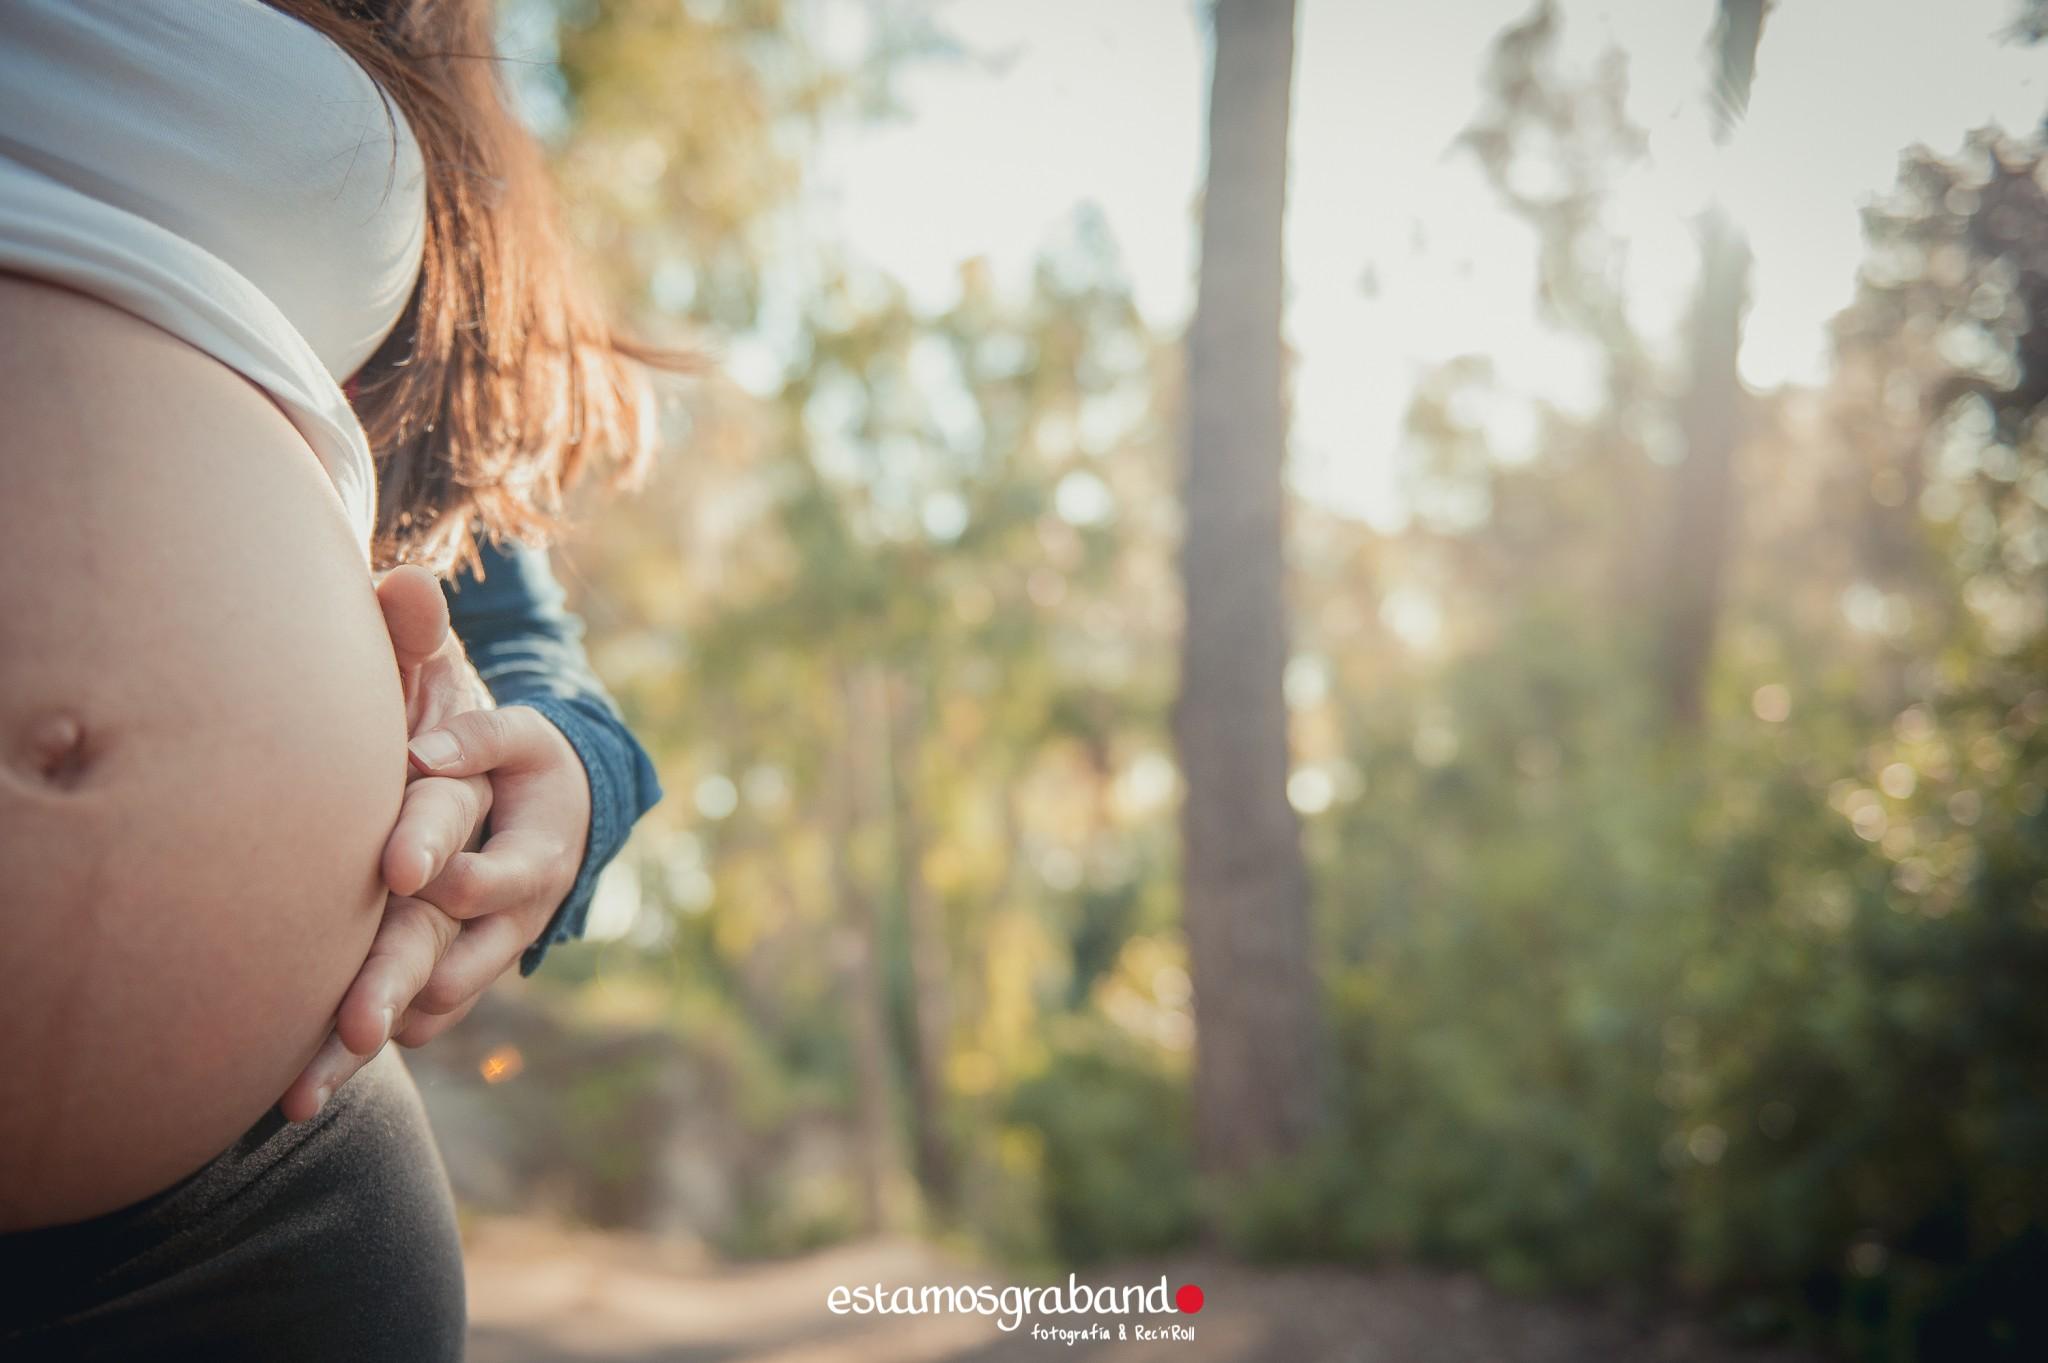 embarazo-recanrollero-sesiones-estamosgrabando-embarazos-sesiones-de-pareja-sesiones-recandrolleras-fotografos-embarazo-jerez-4 Mimo & Mima + Mini Mimo - video boda cadiz